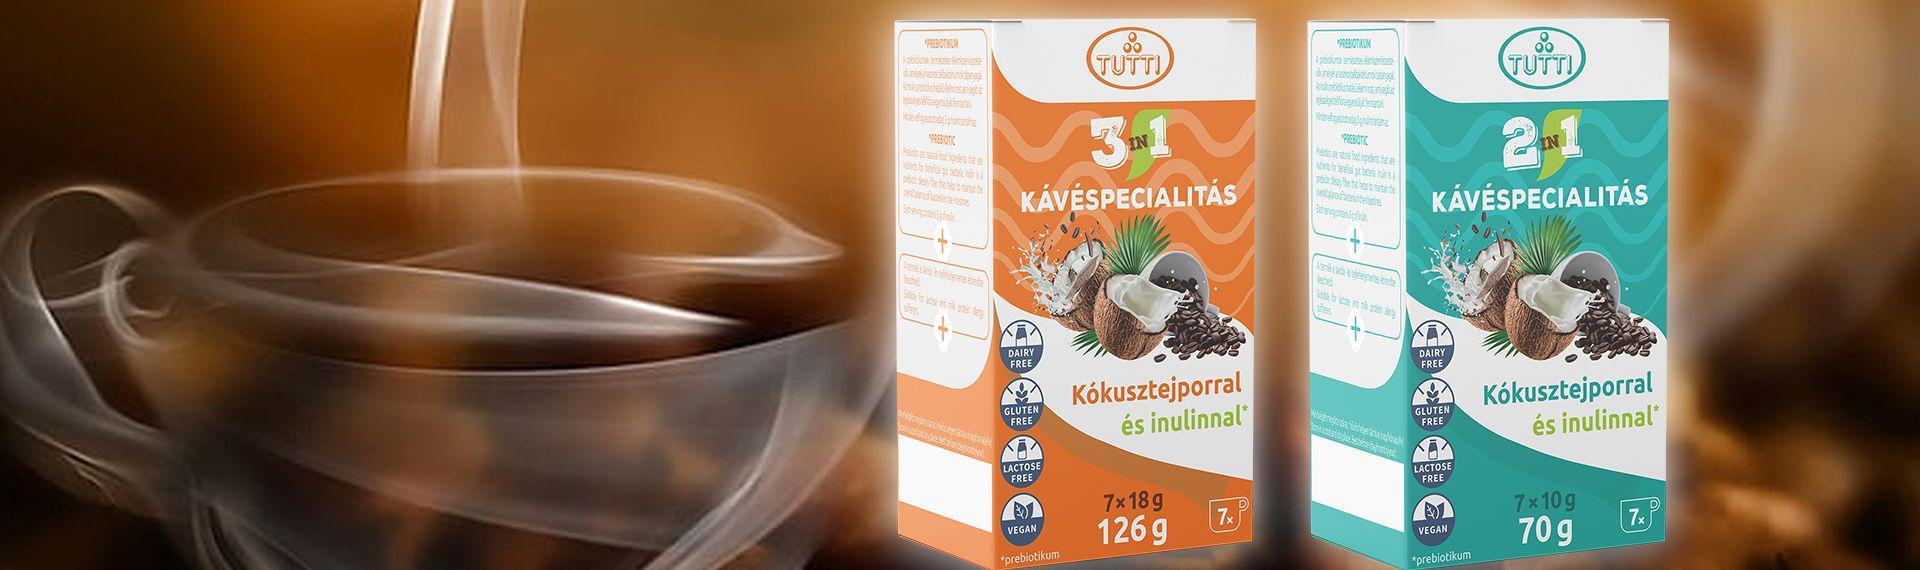 3in1 és 2in1 kávéspecialitás